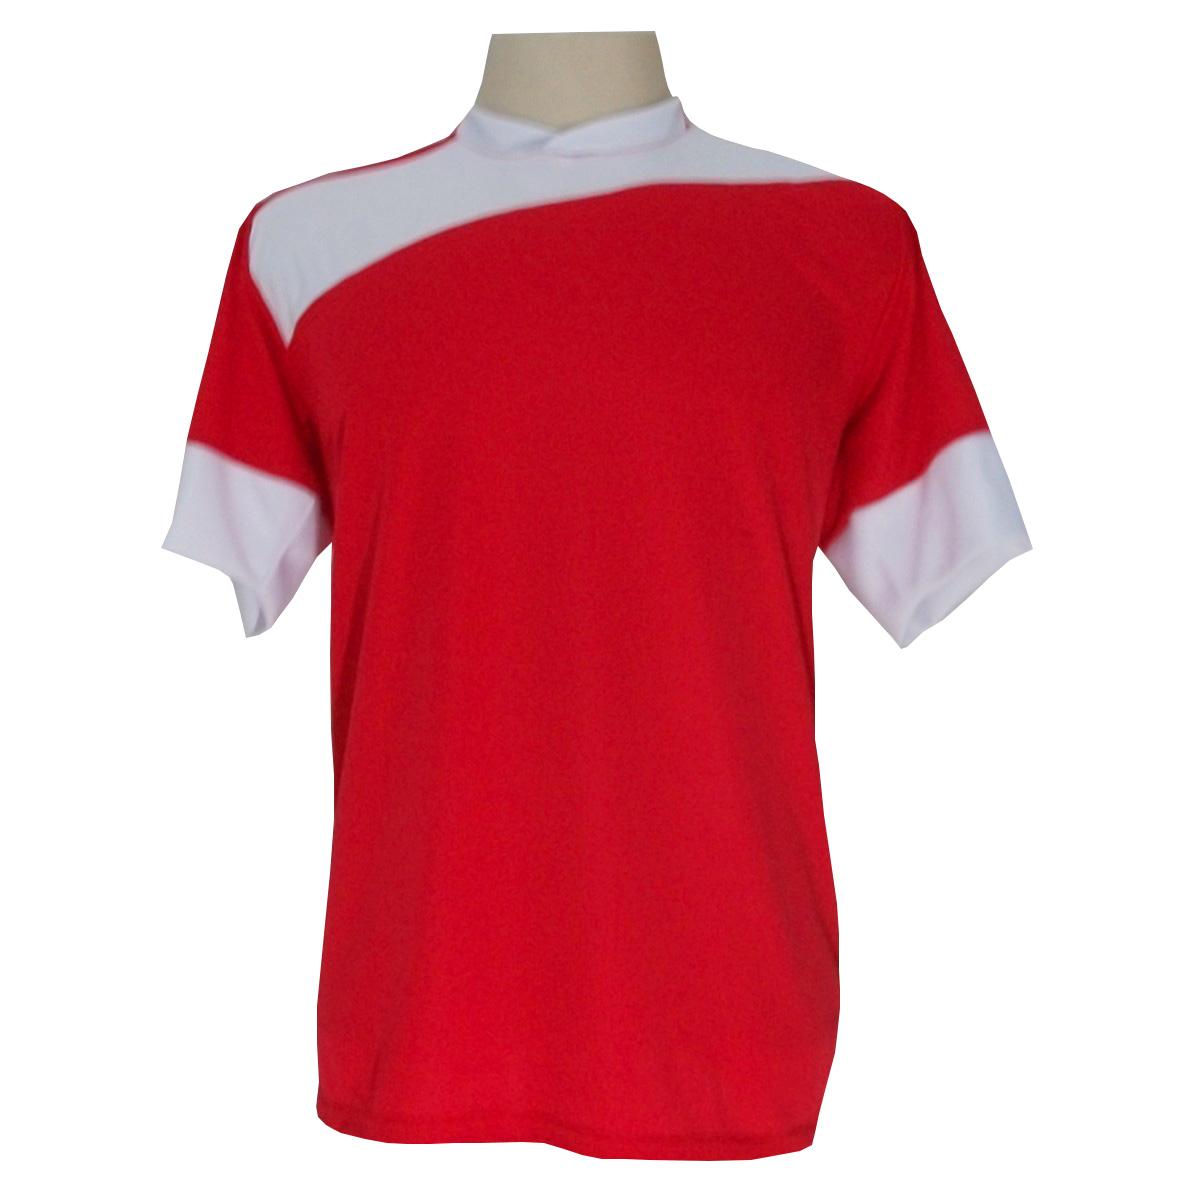 Uniforme Esportivo com 14 camisas modelo Sporting Vermelho/Branco + 14 calções modelo Madrid Vermelho + Brindes